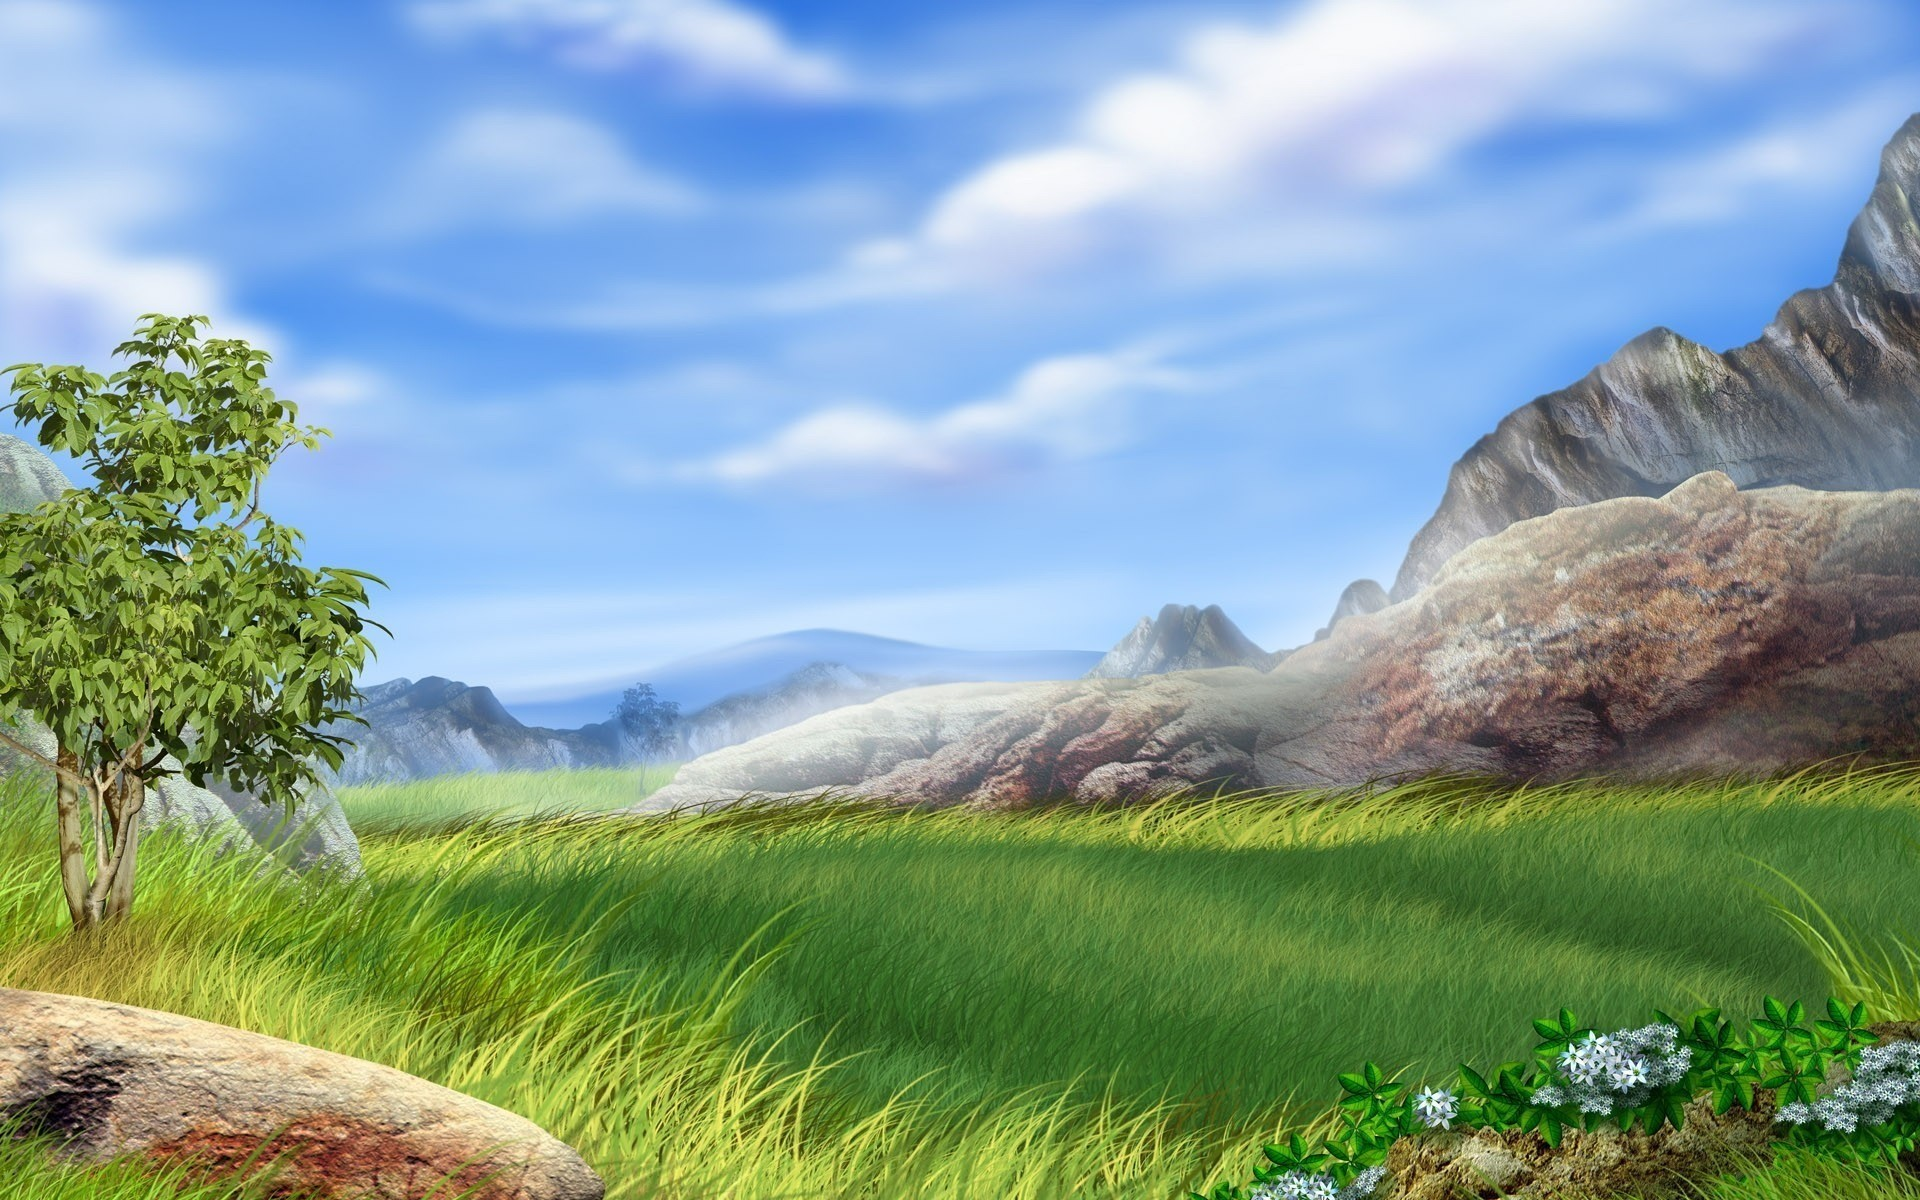 3D Rock Mountains Grass Desktop Wallpaper Nature HD